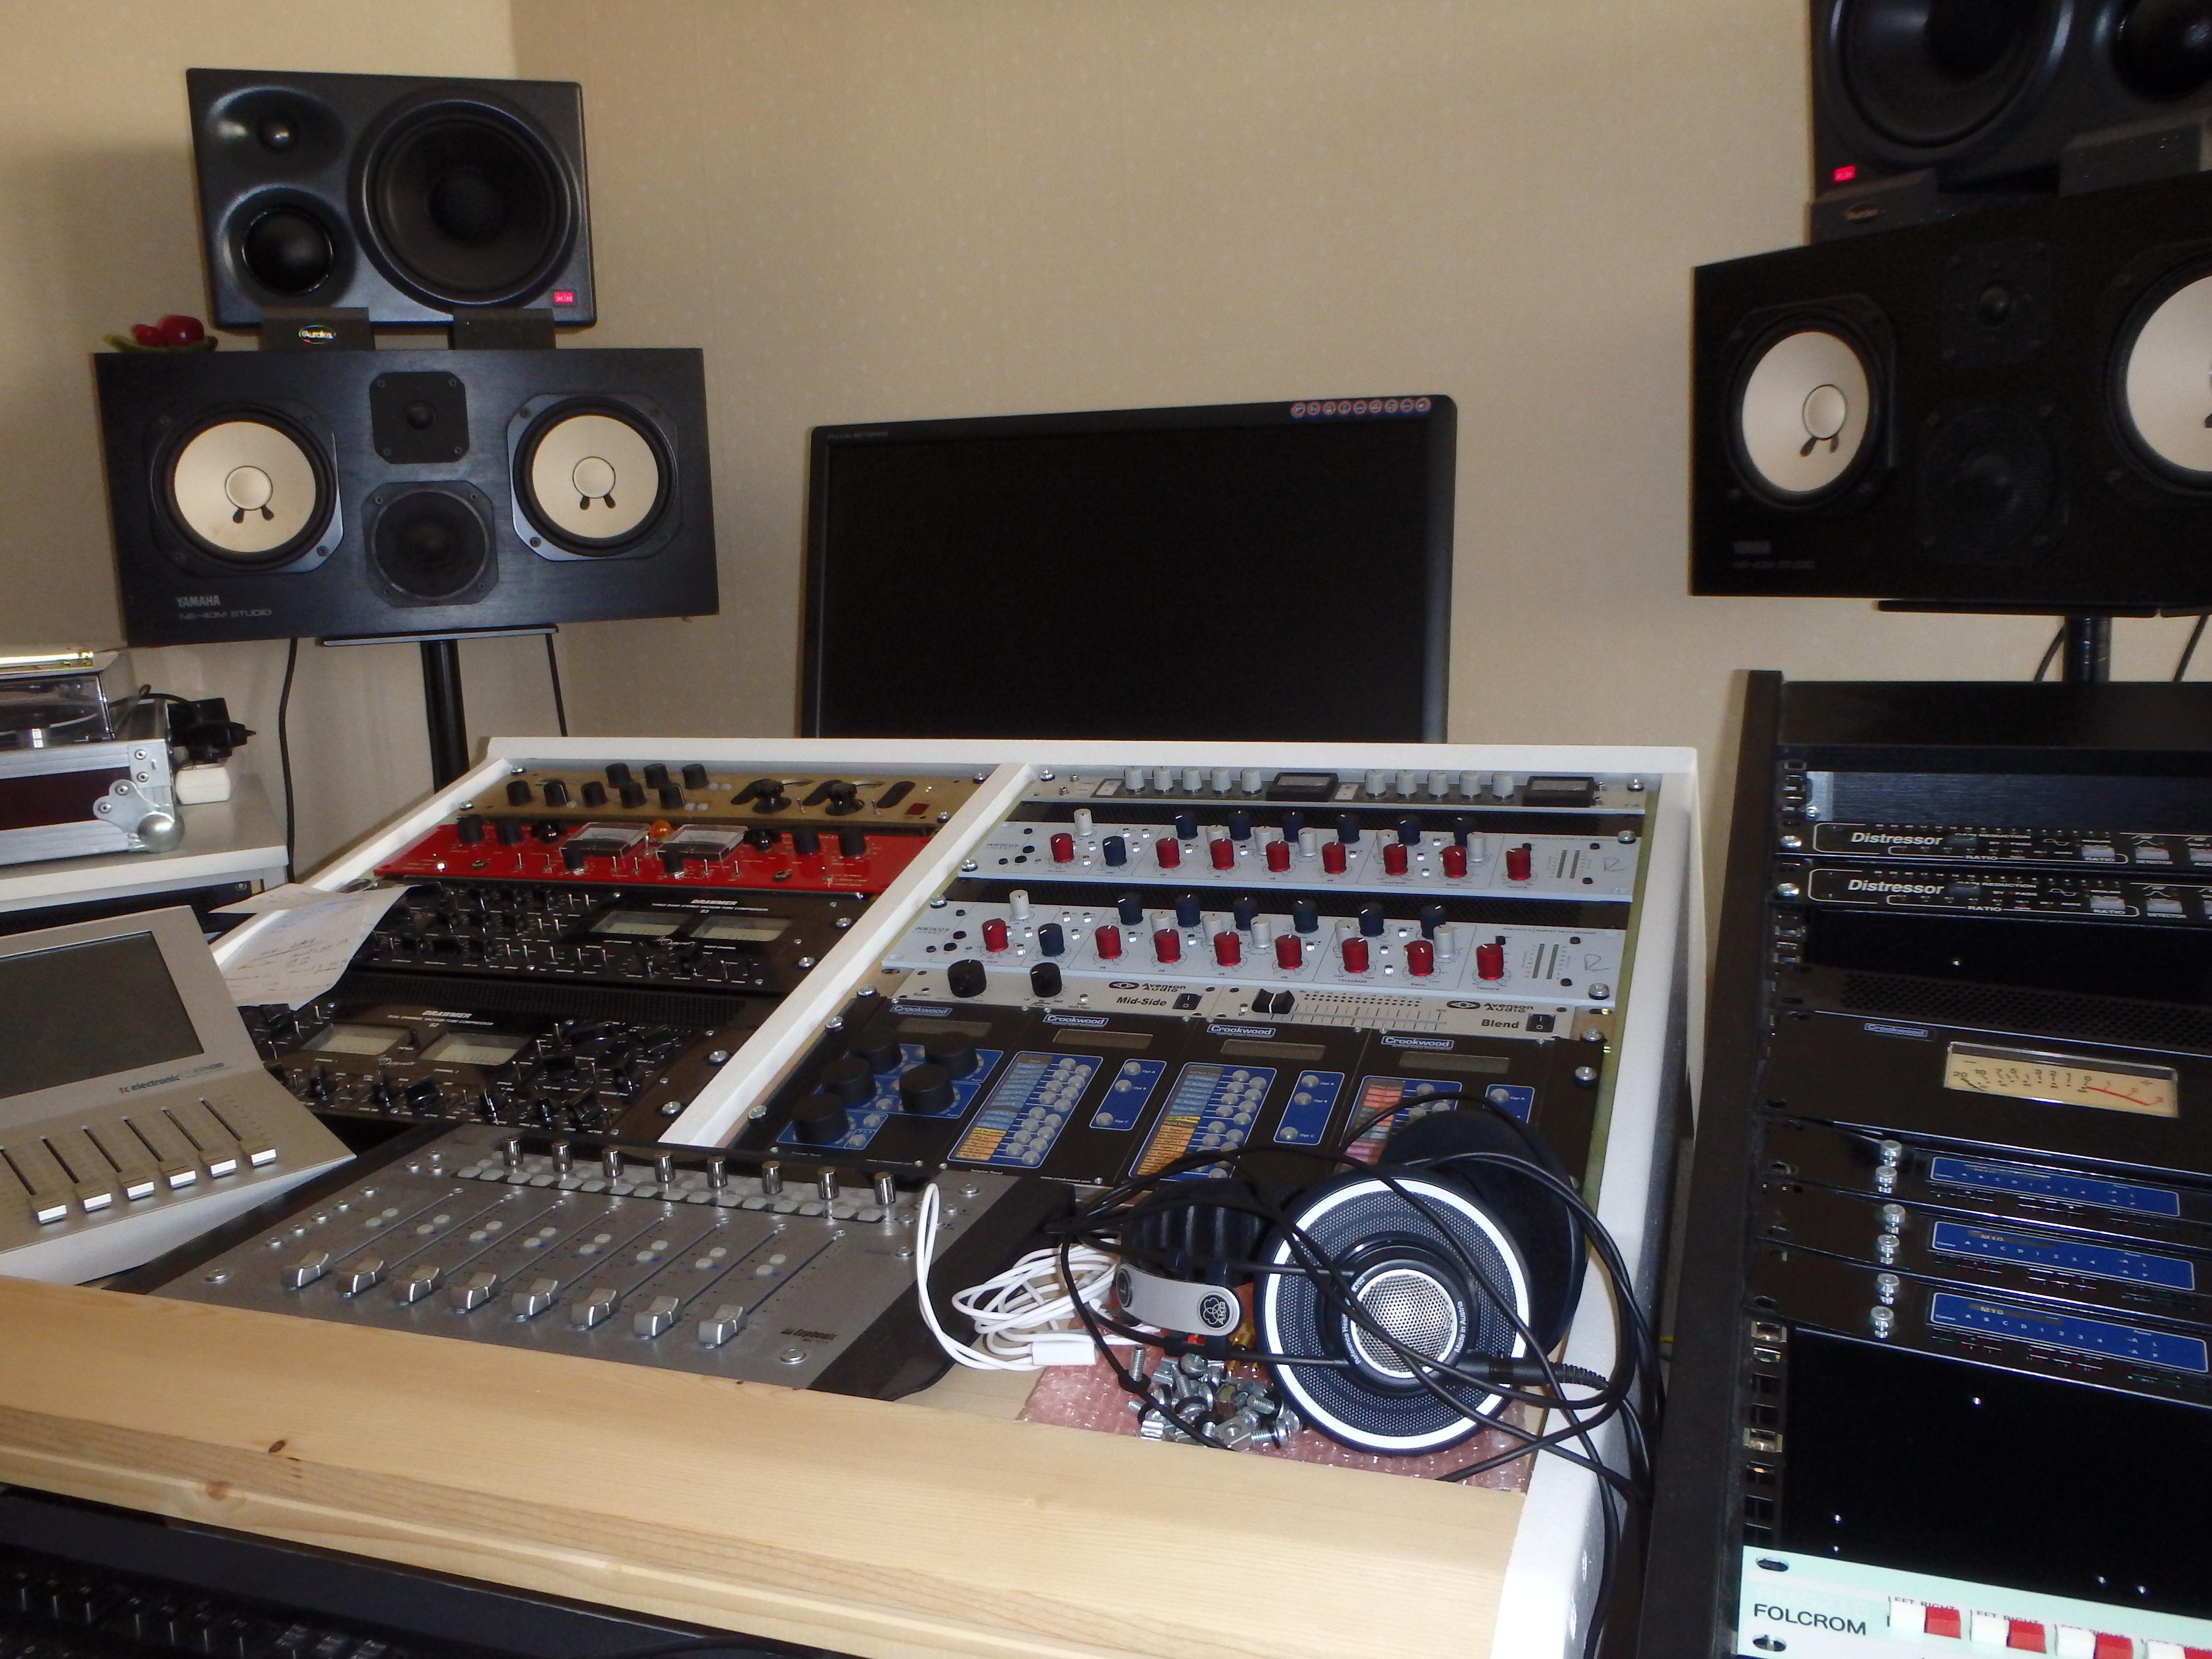 Yamaha ns 40m studio image 1079334 audiofanzine for Yamaha ns 40